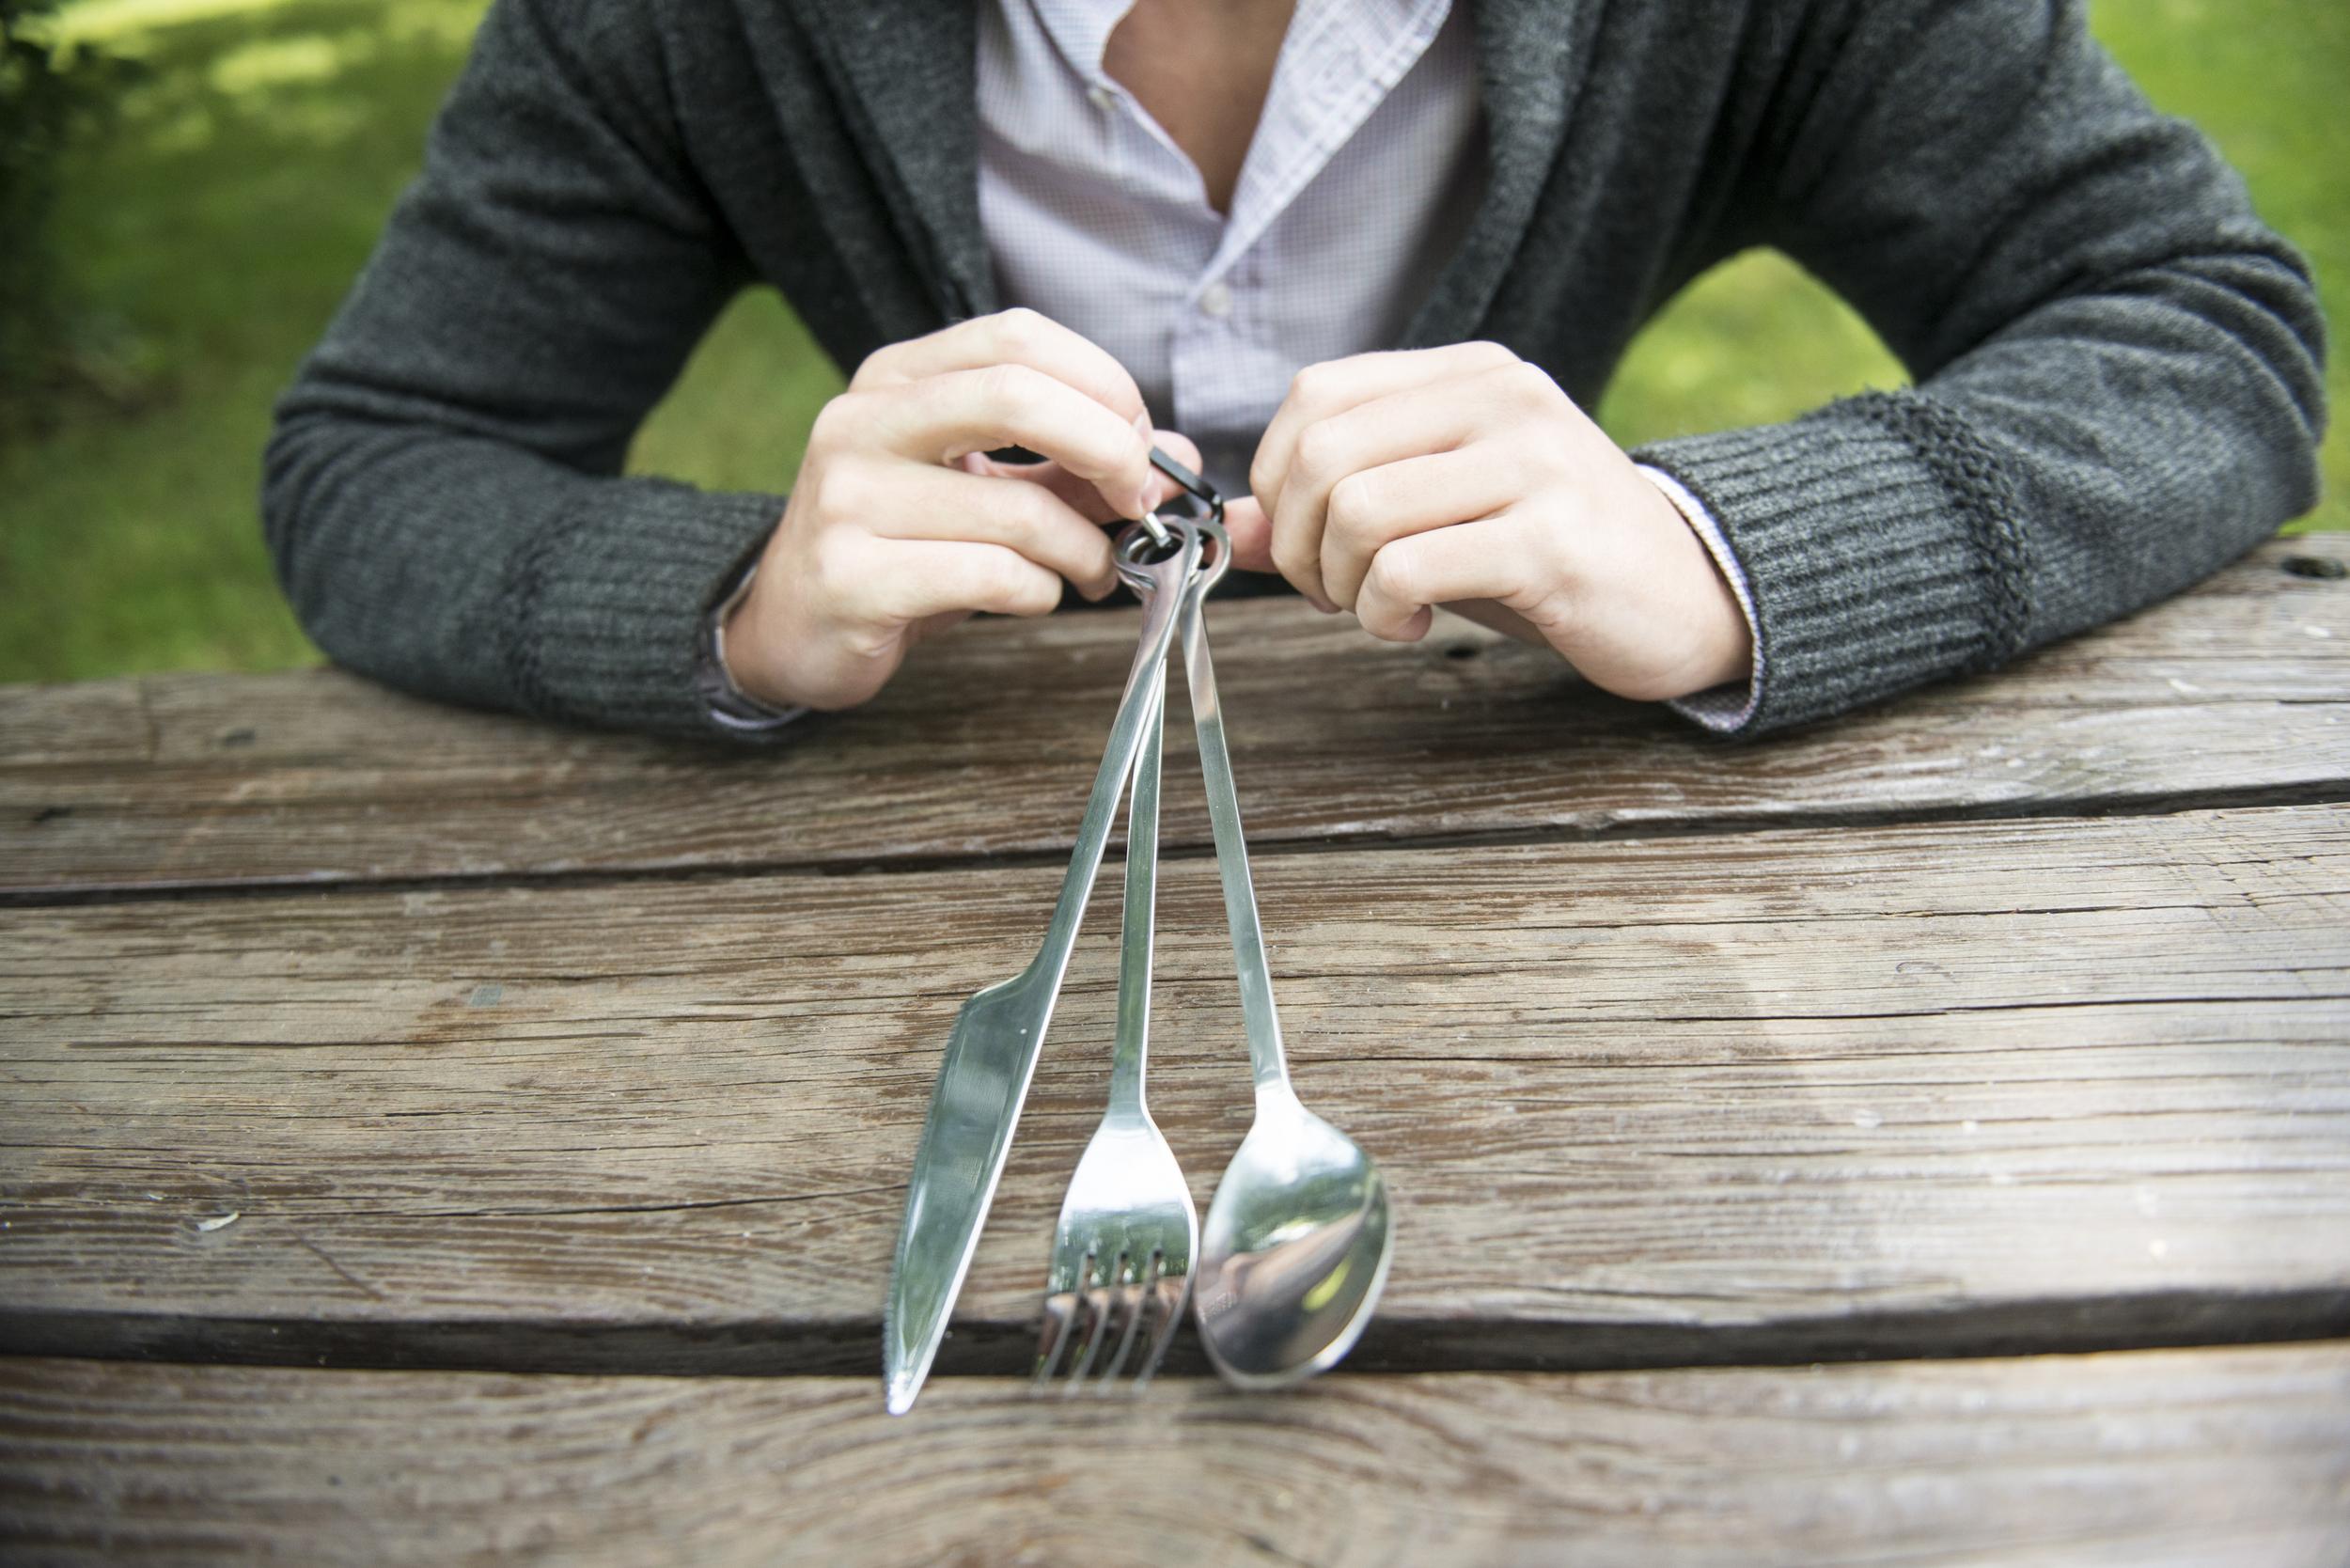 eating-09.jpg